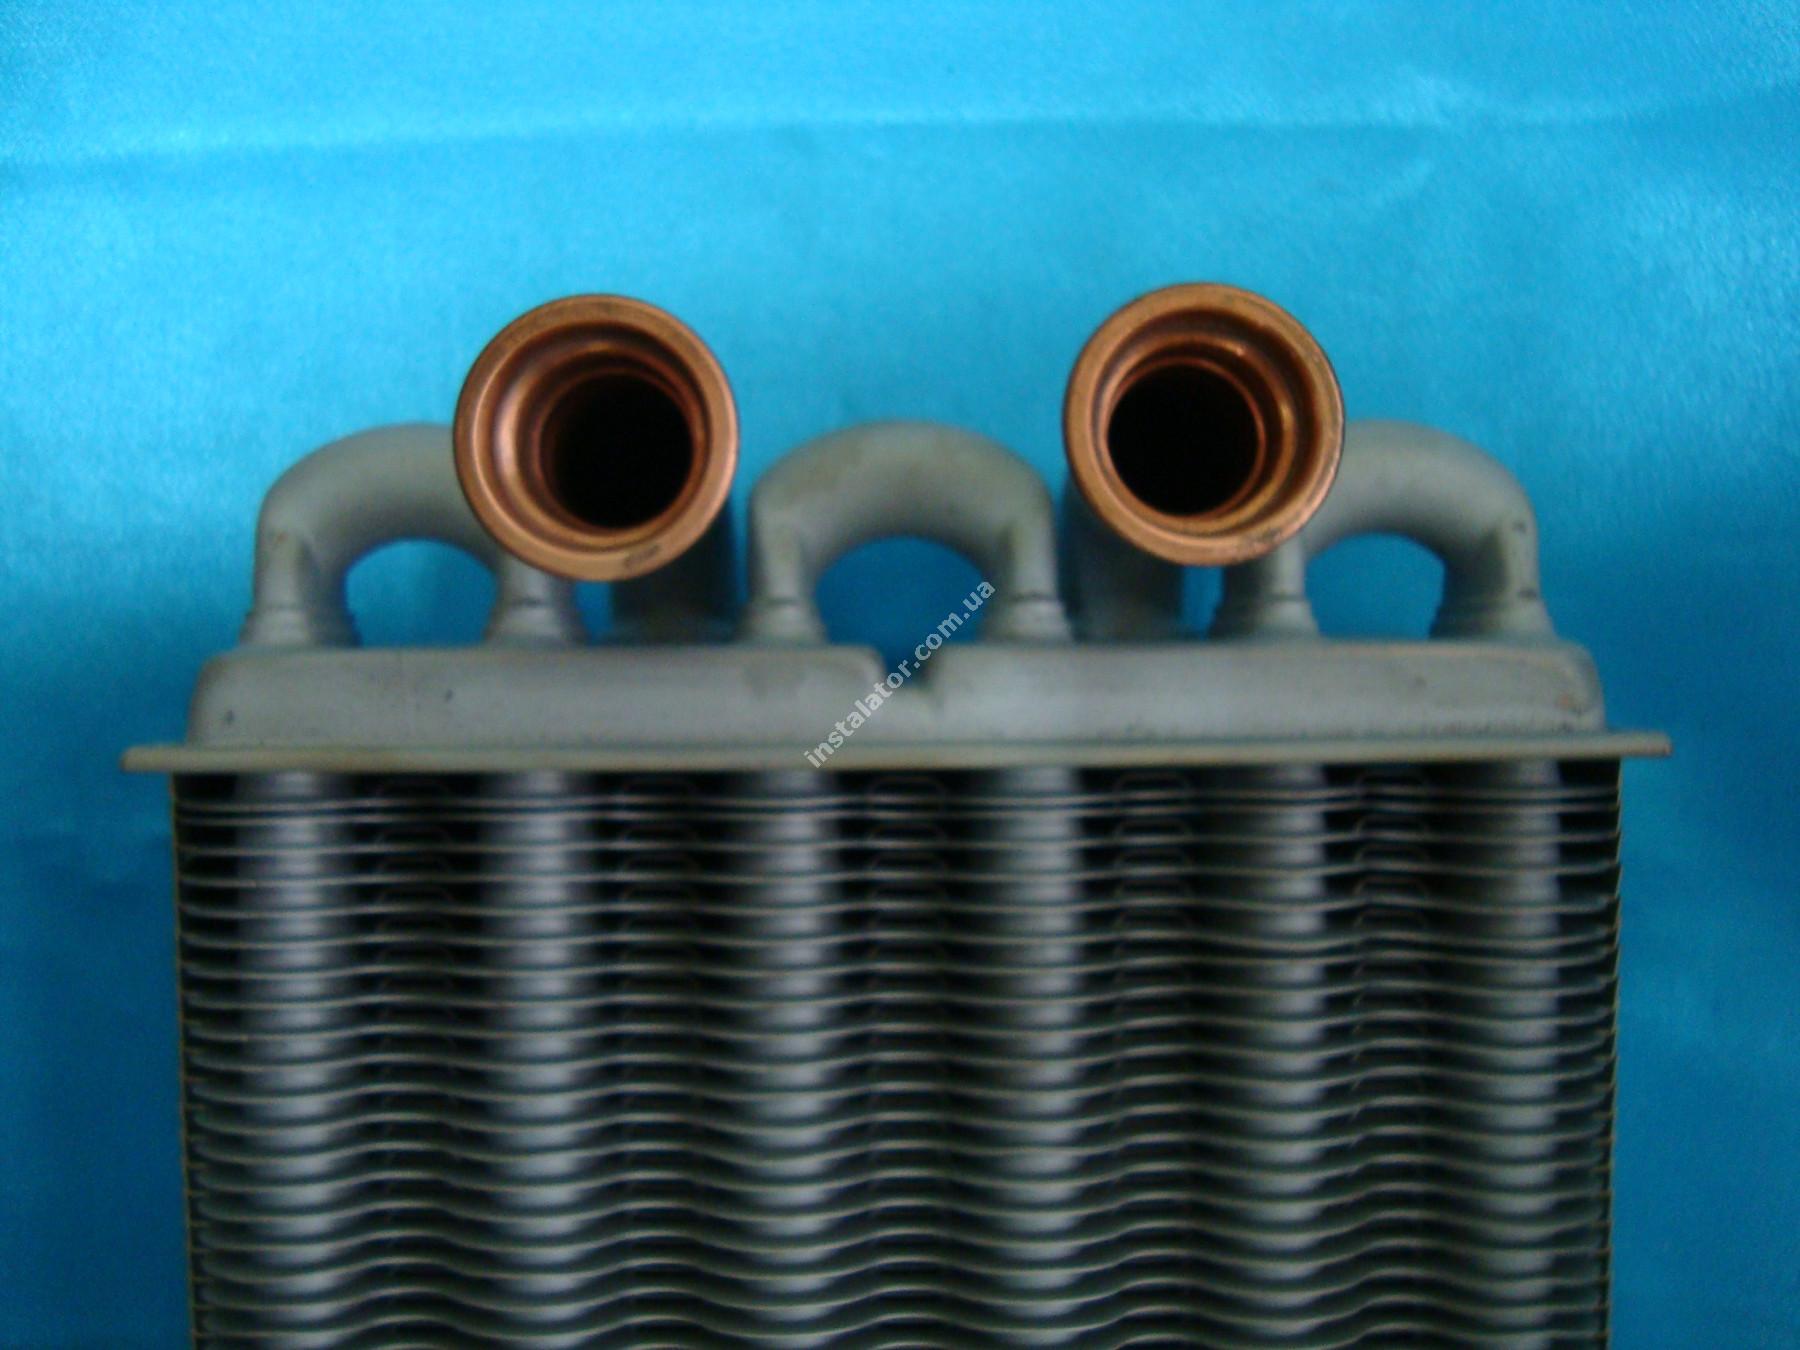 39820060 Теплообмінник бітермічний  FERROLI DOMIPROJECT C24, FerEasy C24 (дим) full-image-3